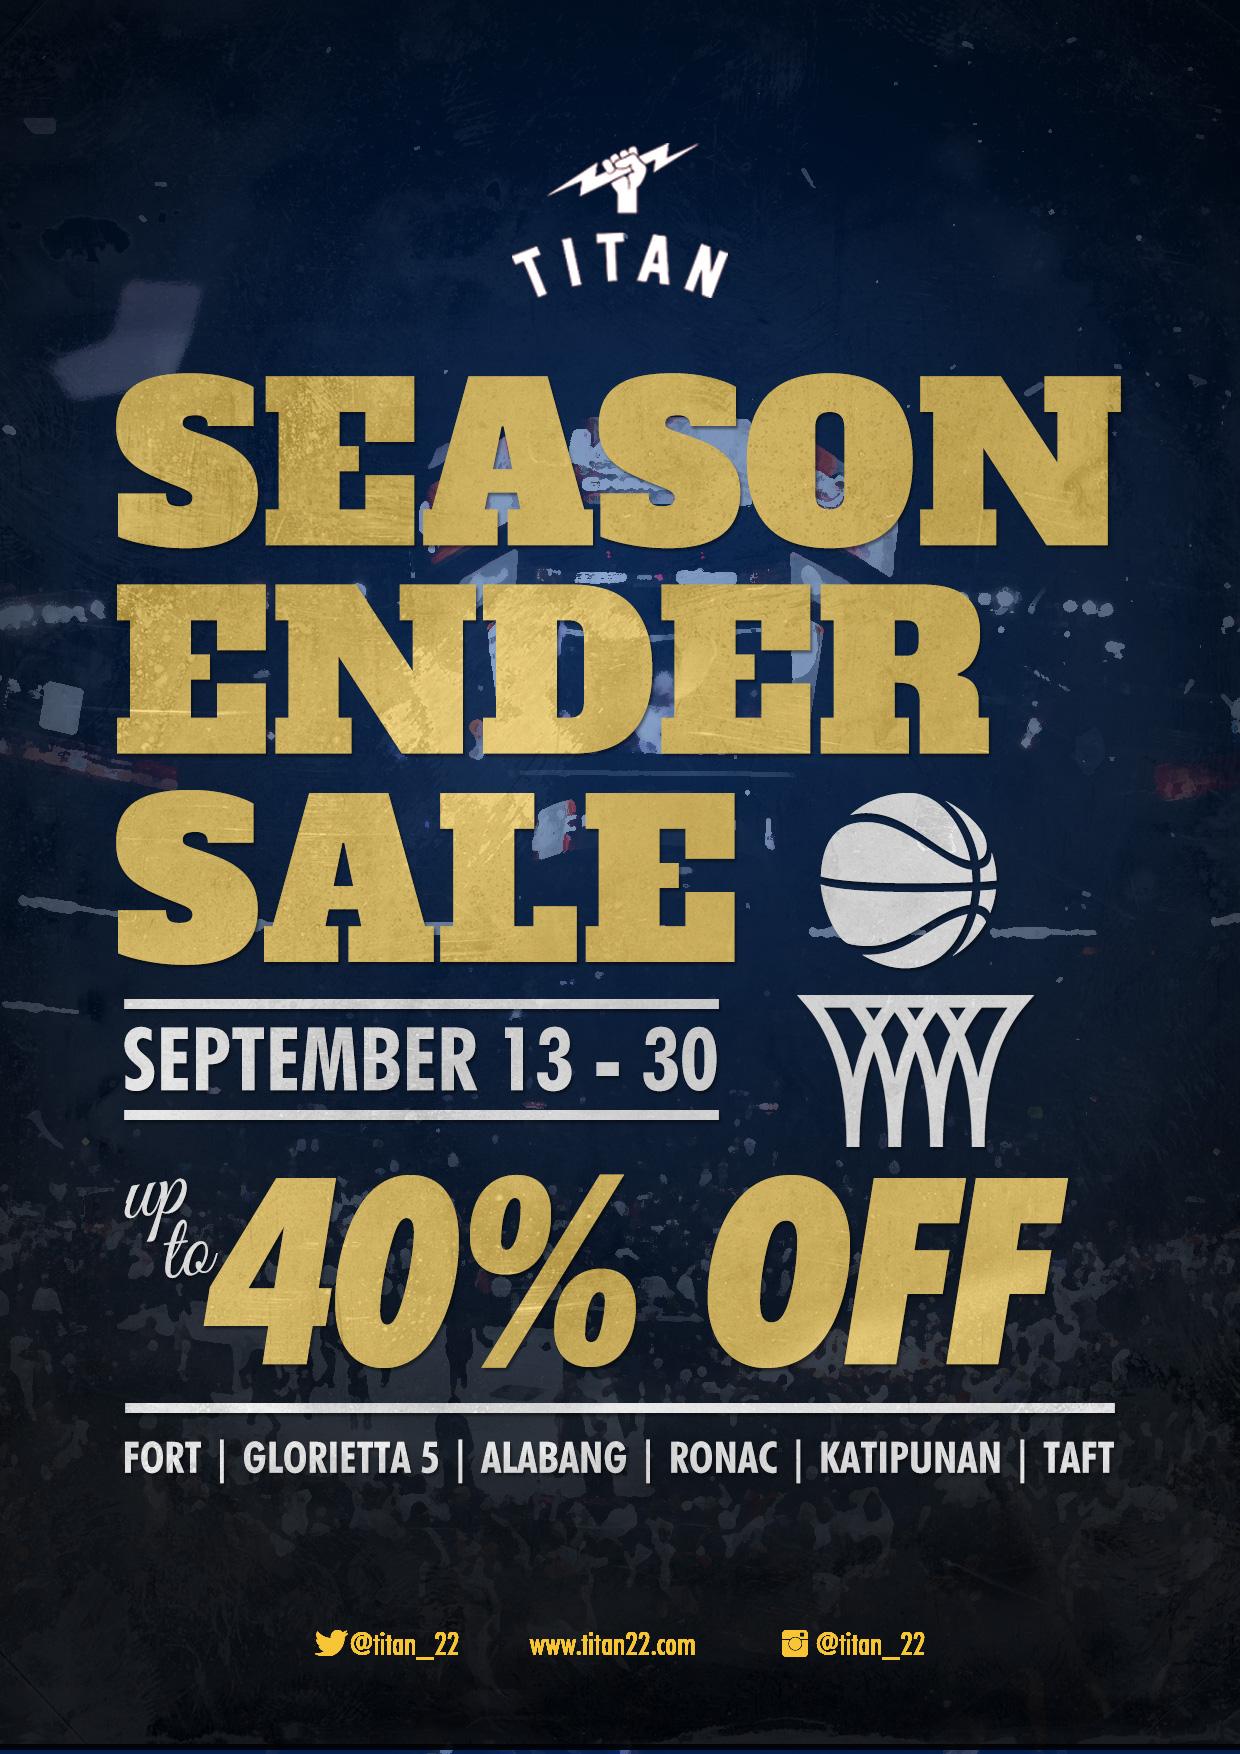 Titan Season Ender Sale September 2014